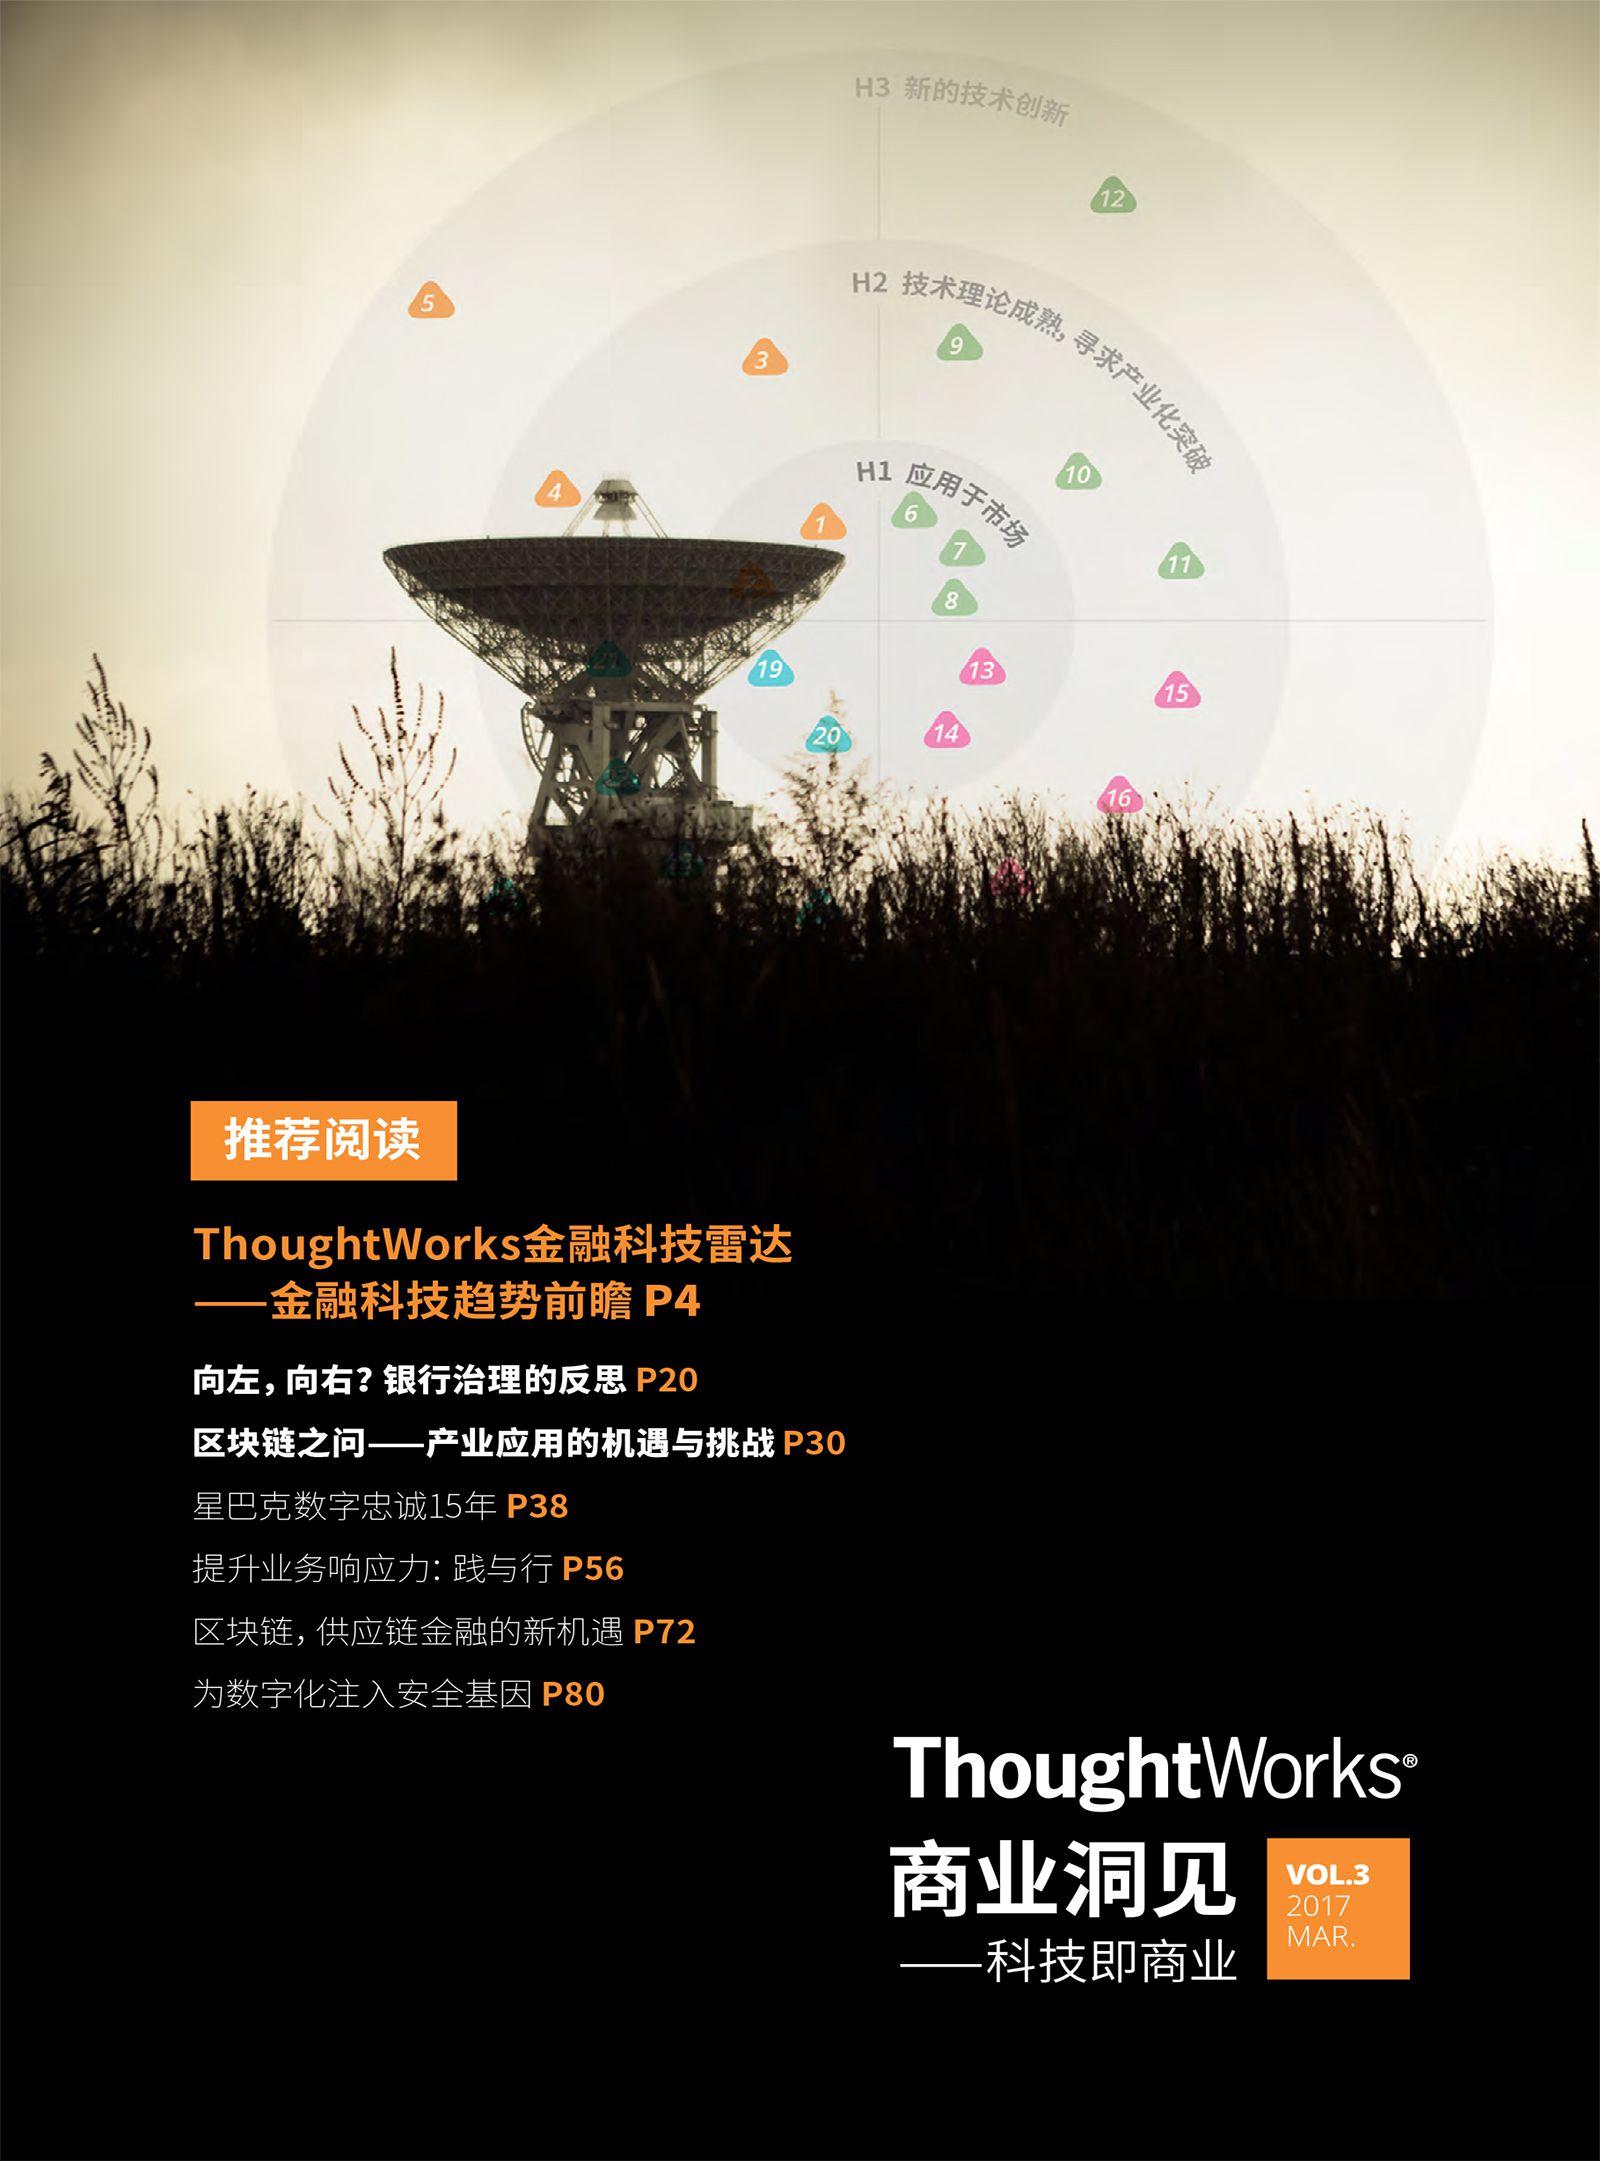 金融科技雷达(Thought Works商业洞见)